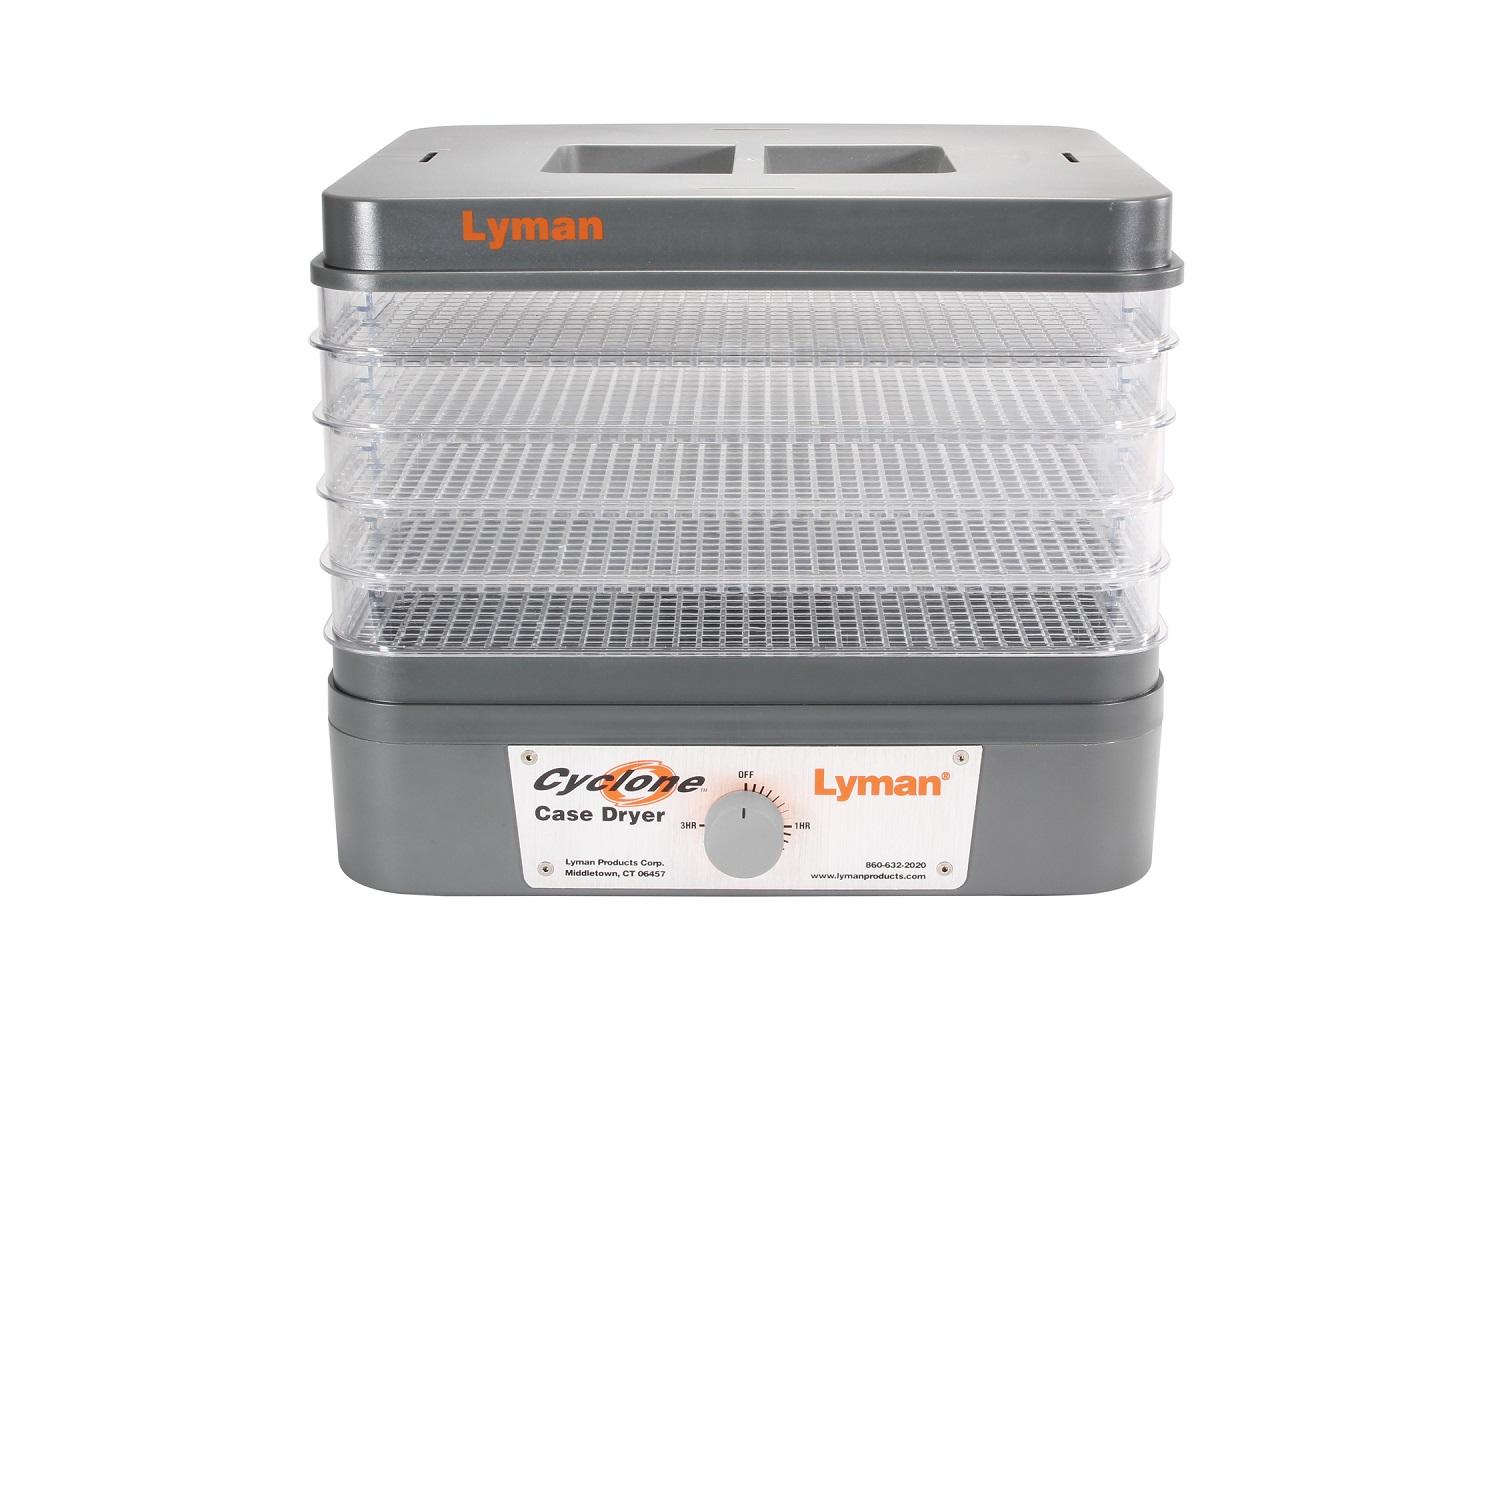 Lyman Cyclone Case Dryer 115v